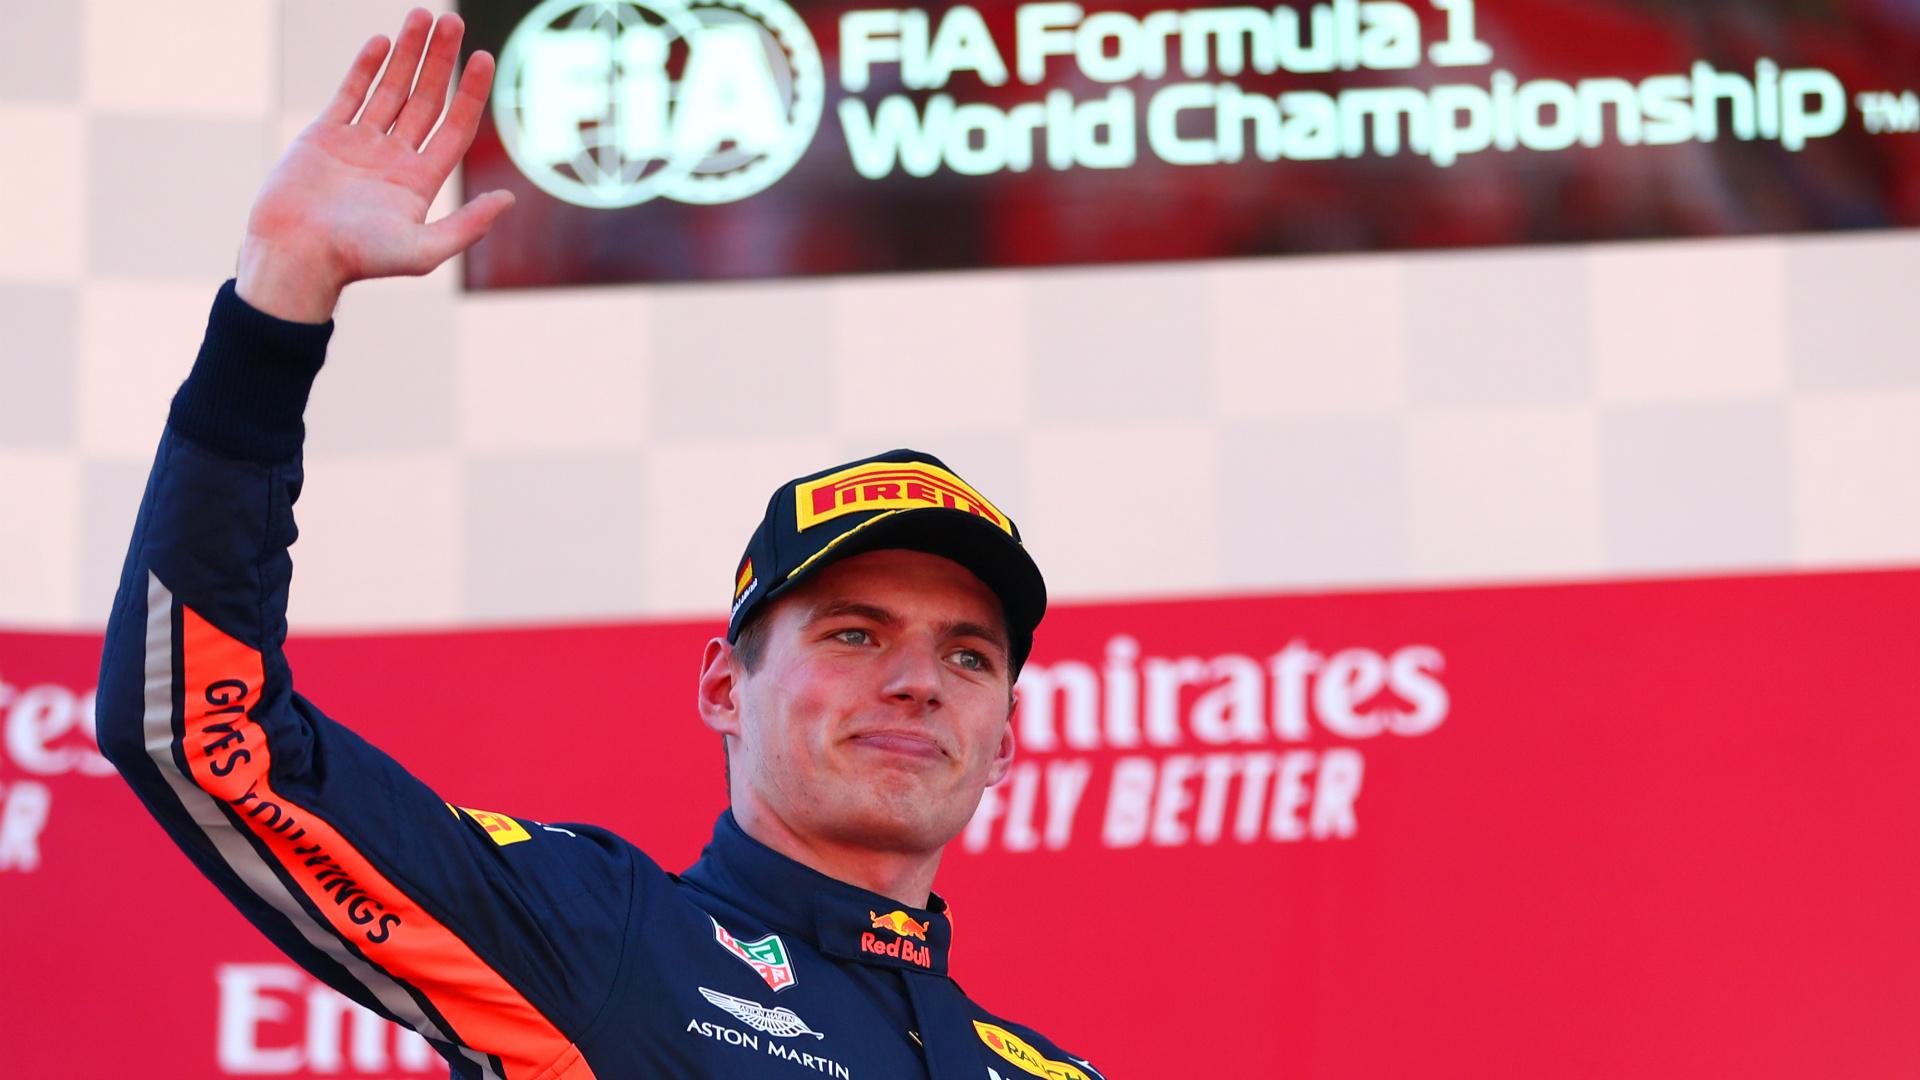 F1 Raceweek: Can Verstappen stop Hamilton & Bottas in Monaco?